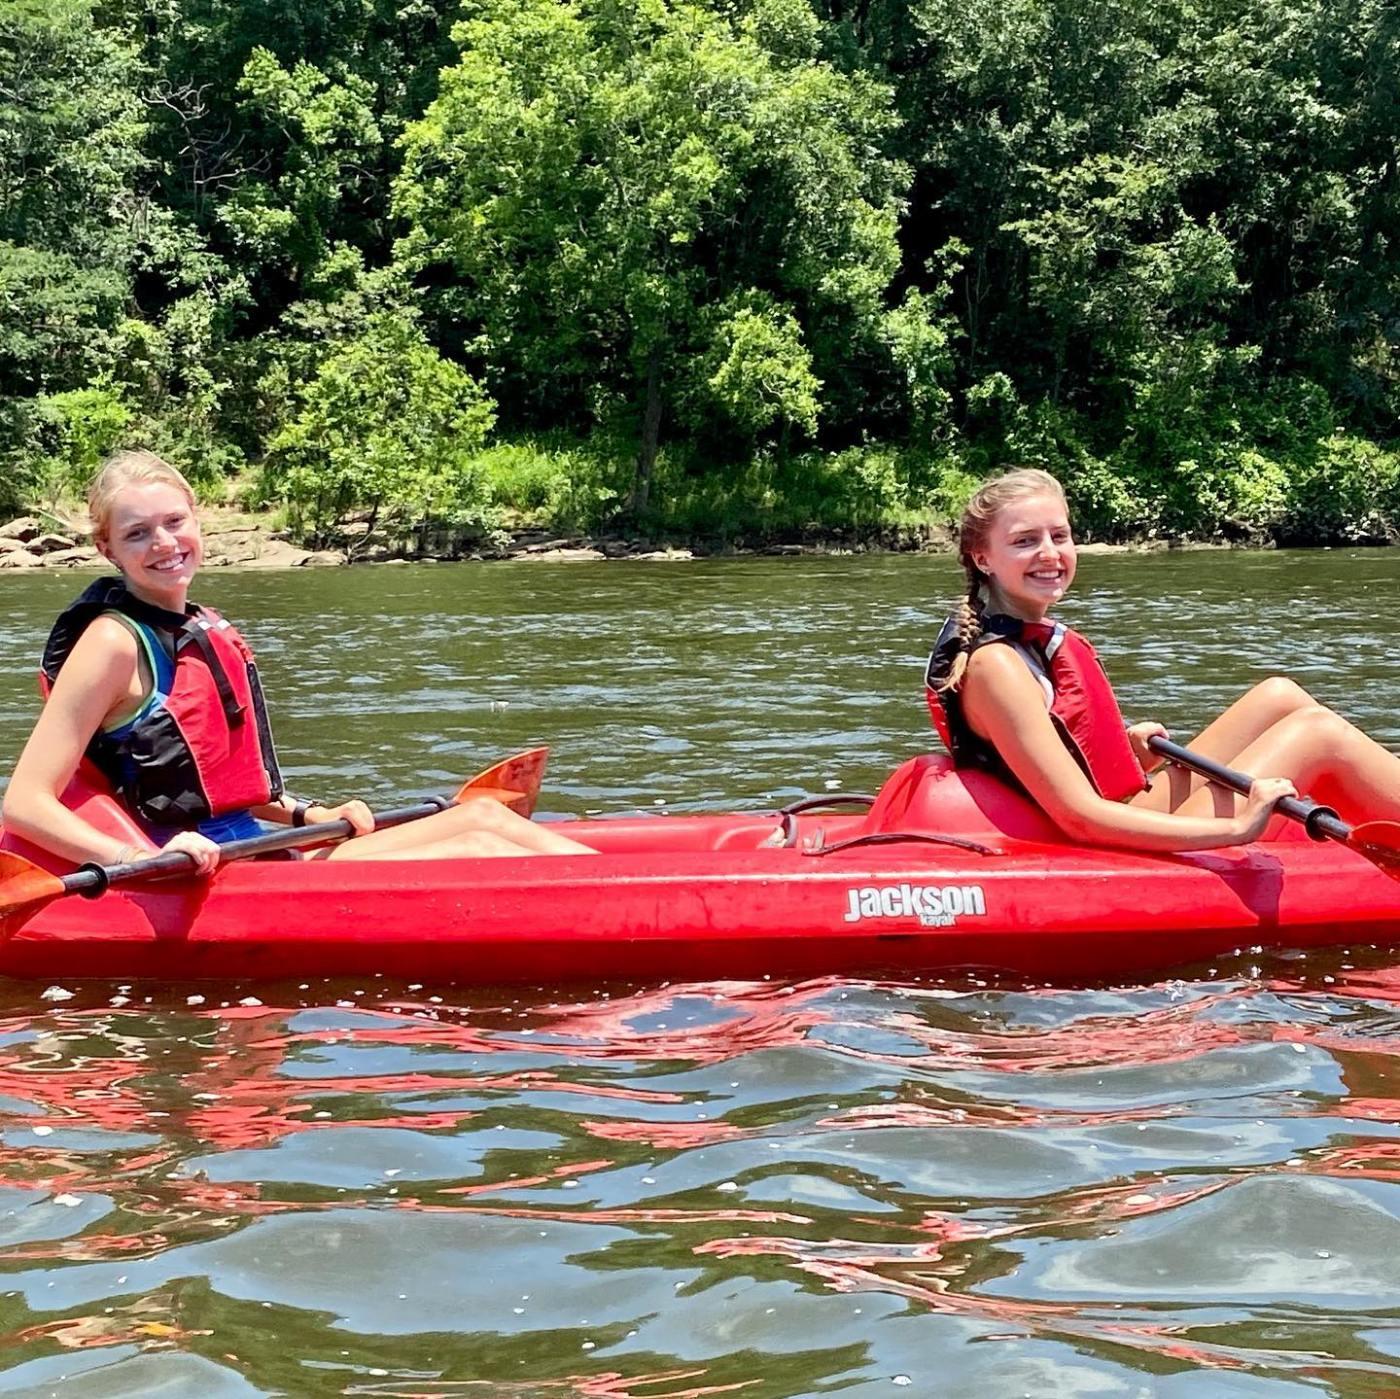 girls kayaking